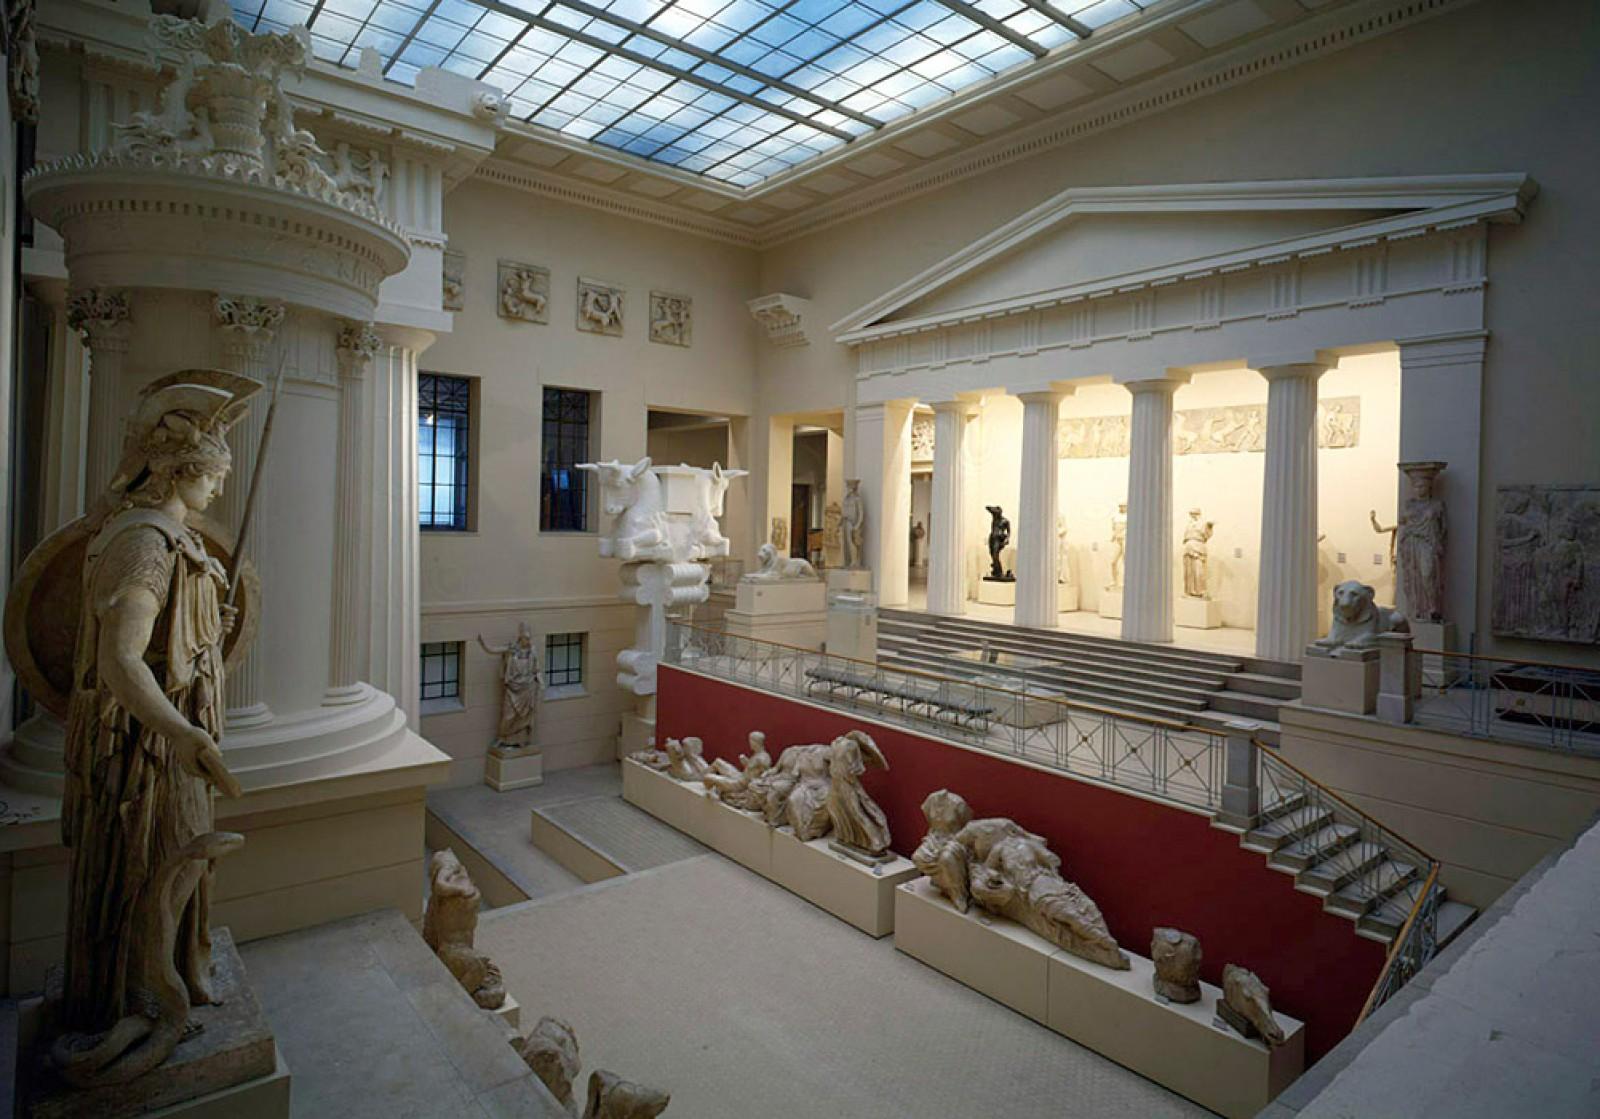 Photo of Два месяца вход в музеи России будет бесплатным благодаря Сбербанку бесплатный вход в музеи, Сбербанк Два месяца вход в музеи России будет бесплатным благодаря Сбербанку